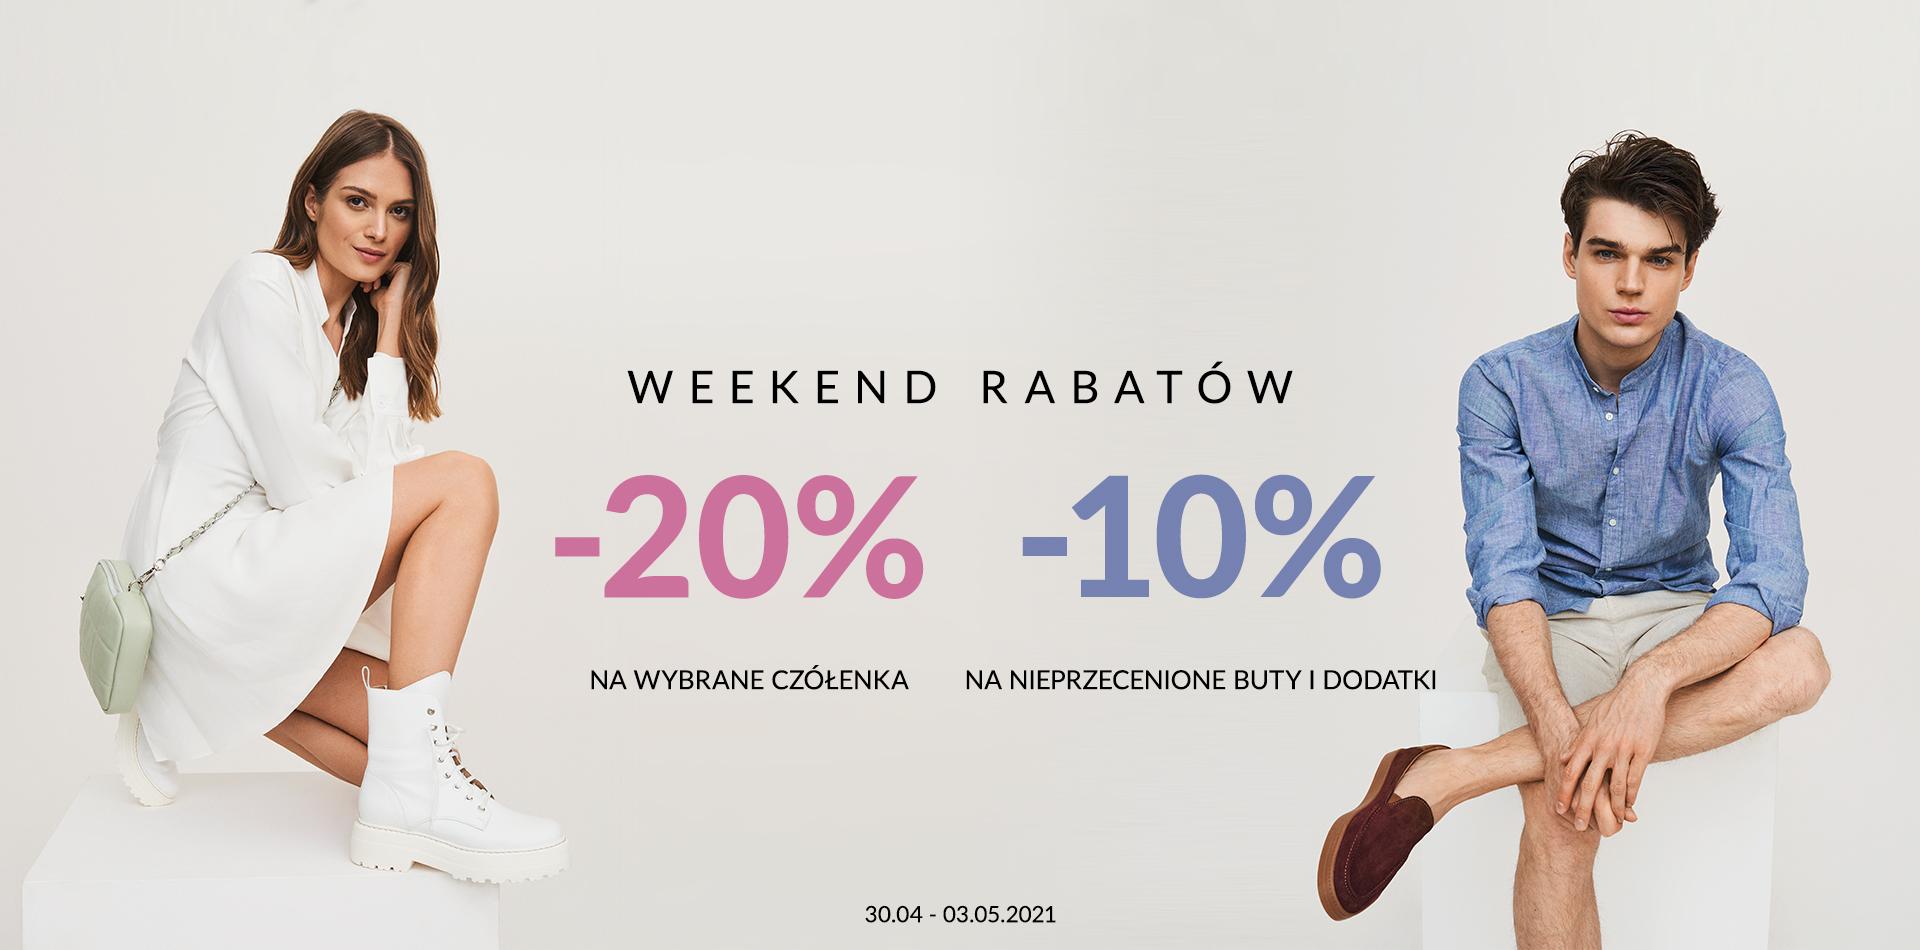 Ryłko: 20% zniżki na wybrane czółenka oraz 10% zniżki na nieprzecenione buty i dodatki